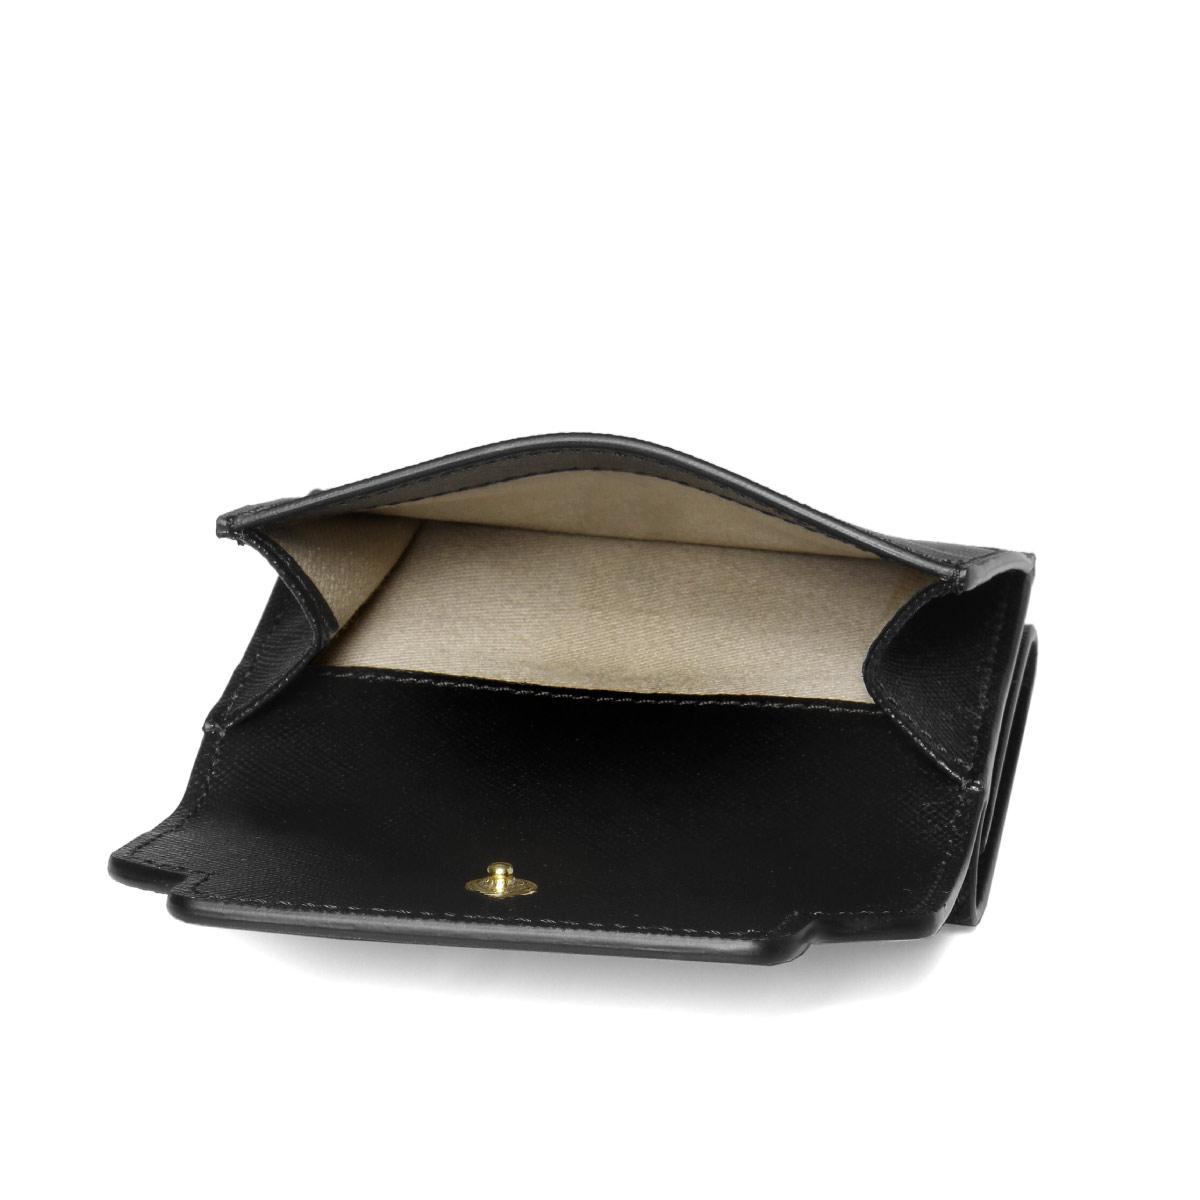 MARNI マルニ | 三つ折り財布